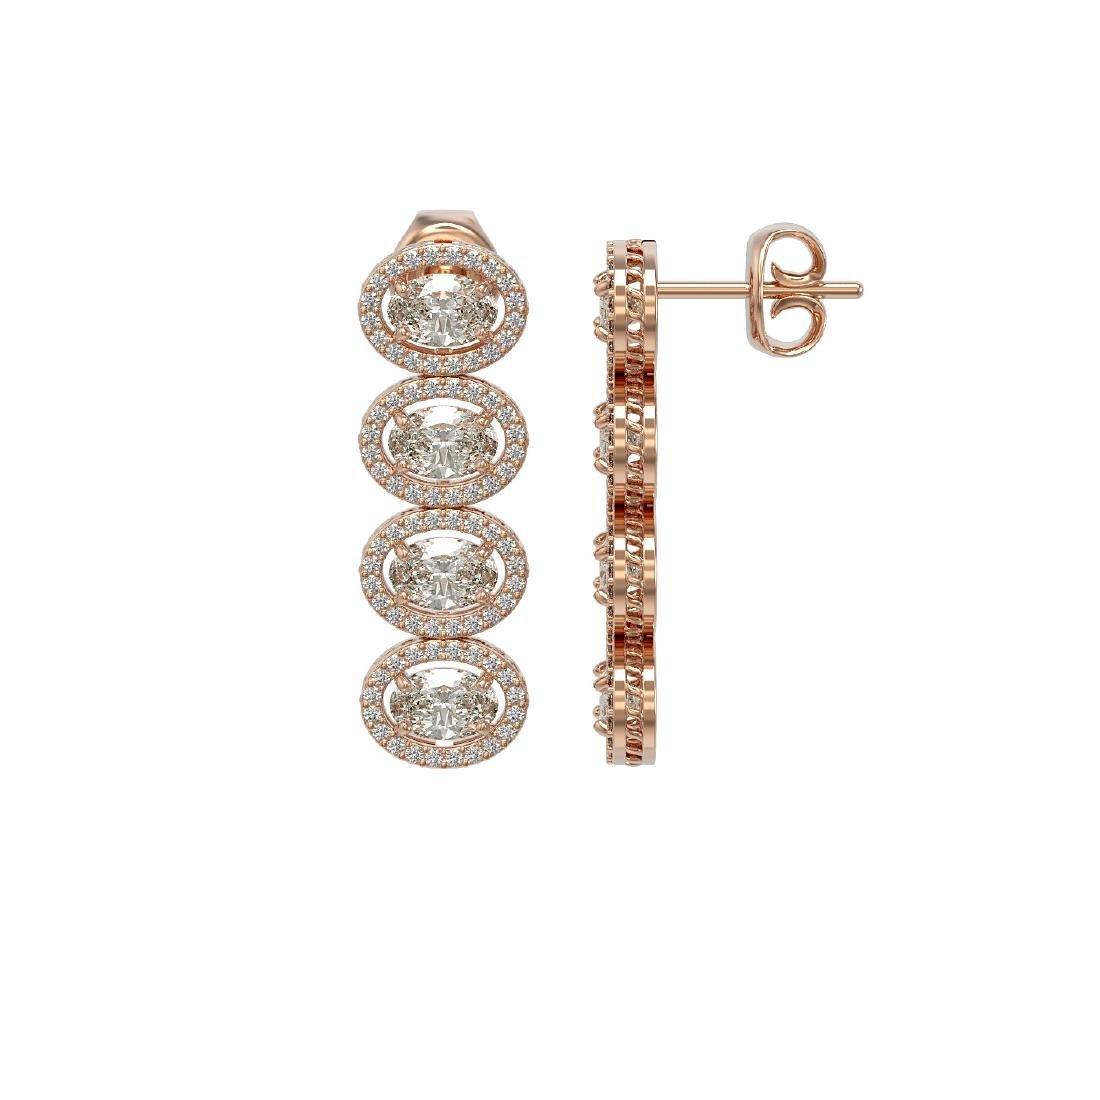 5.92 CTW Oval Diamond Designer Earrings 18K Rose Gold - 2